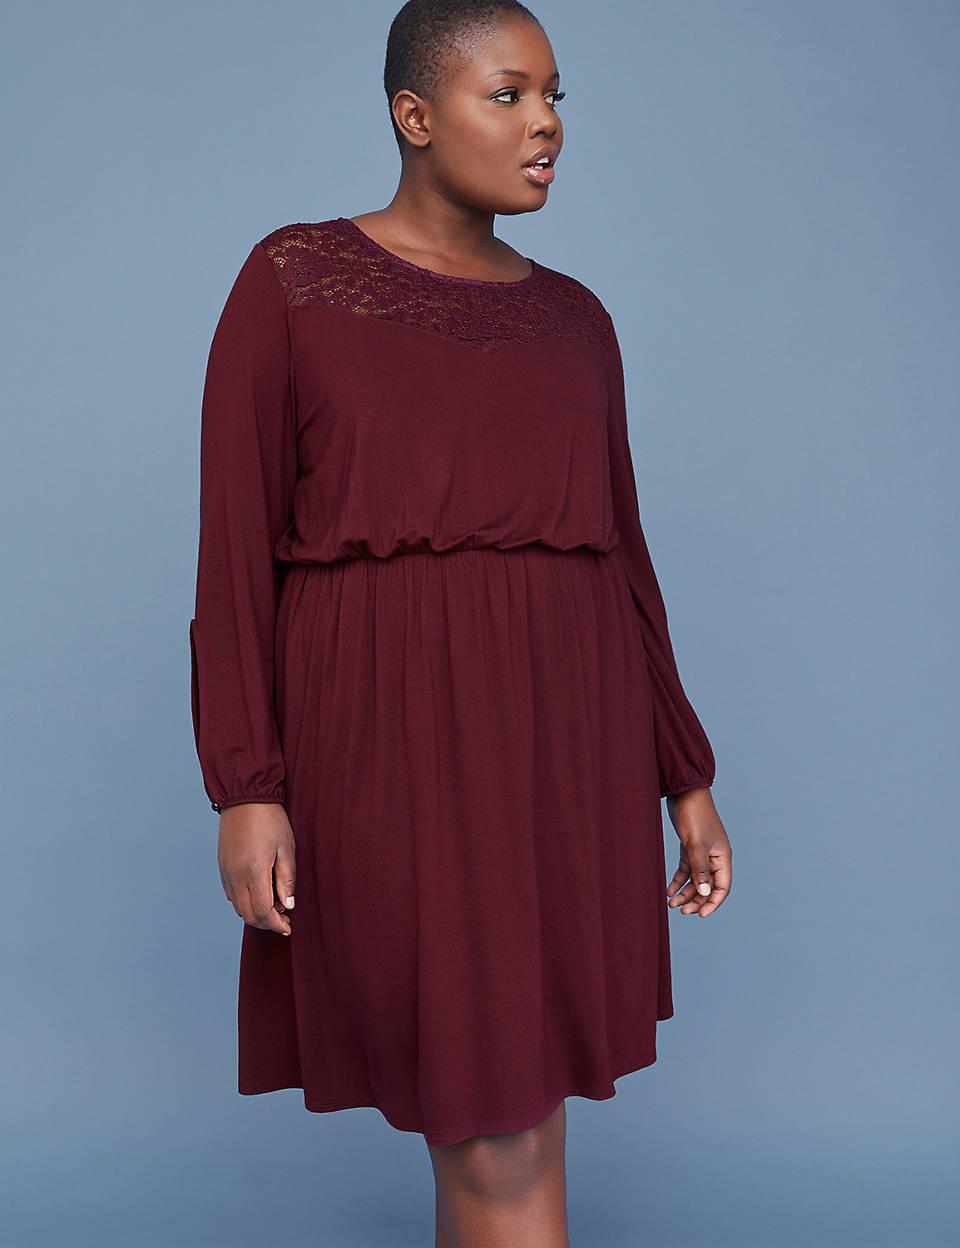 80aba928494 Lace Yoke Fit   Flare Dress